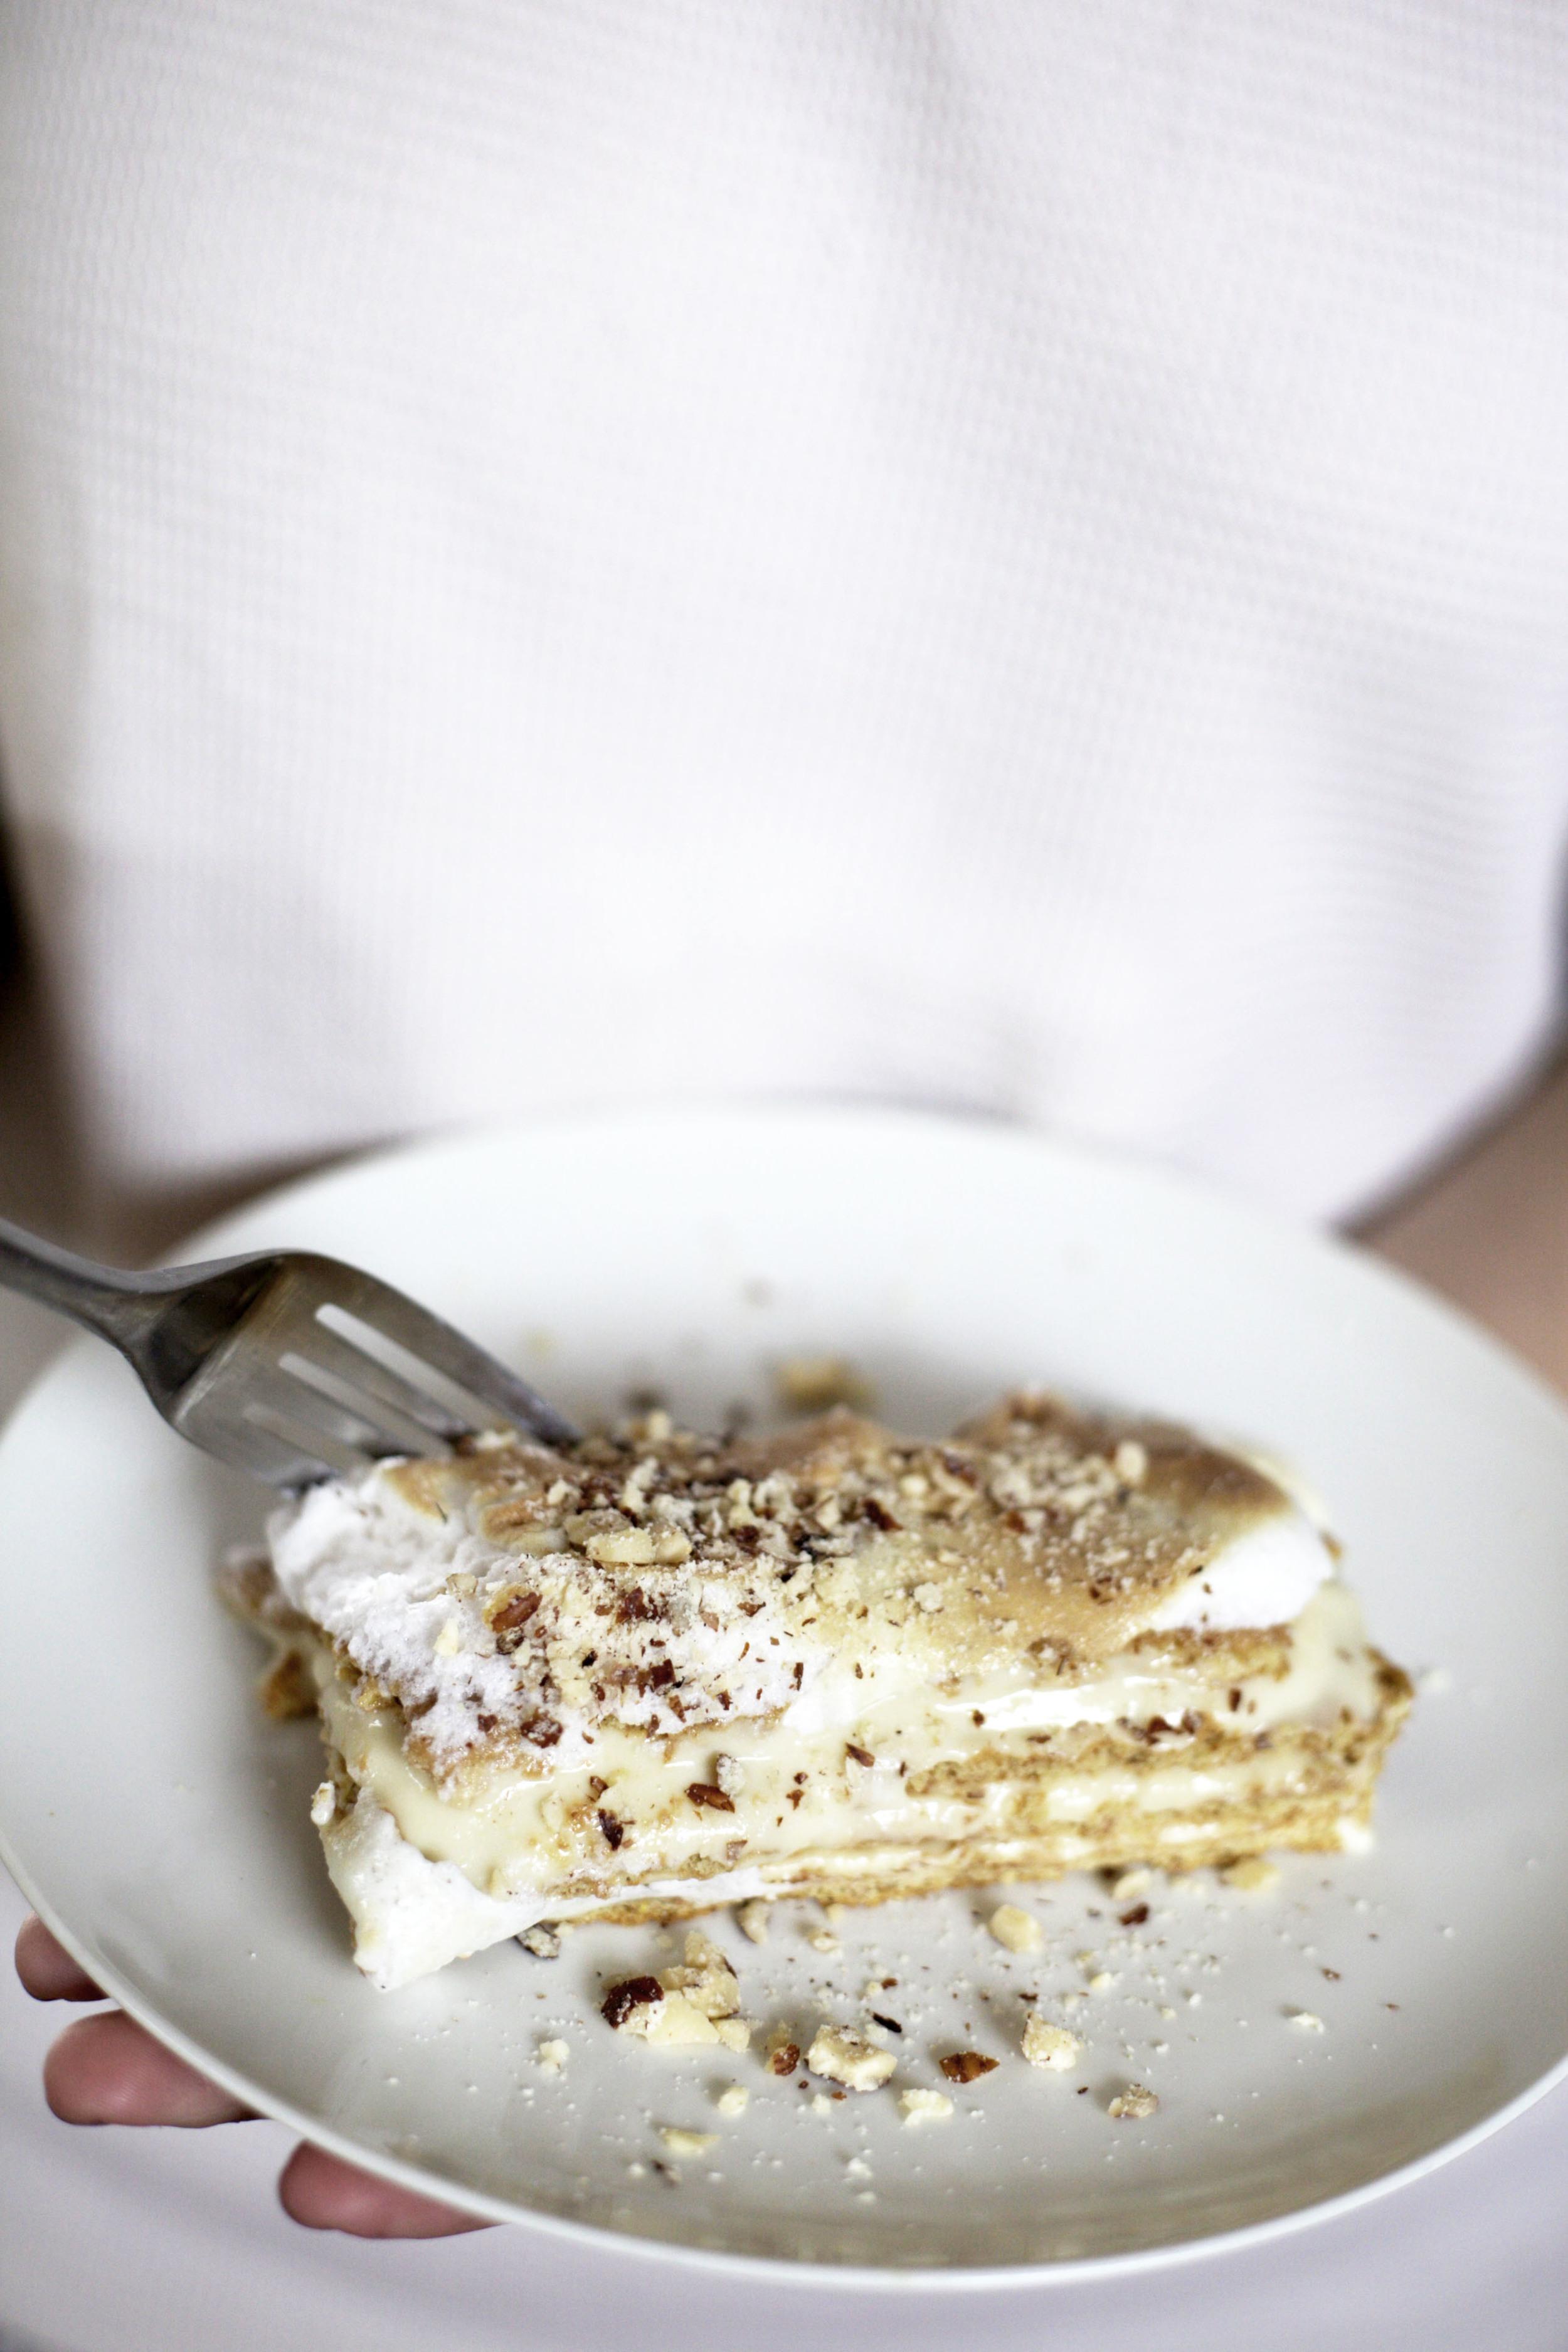 Low Sugar London Fog No Bake Layer Cake